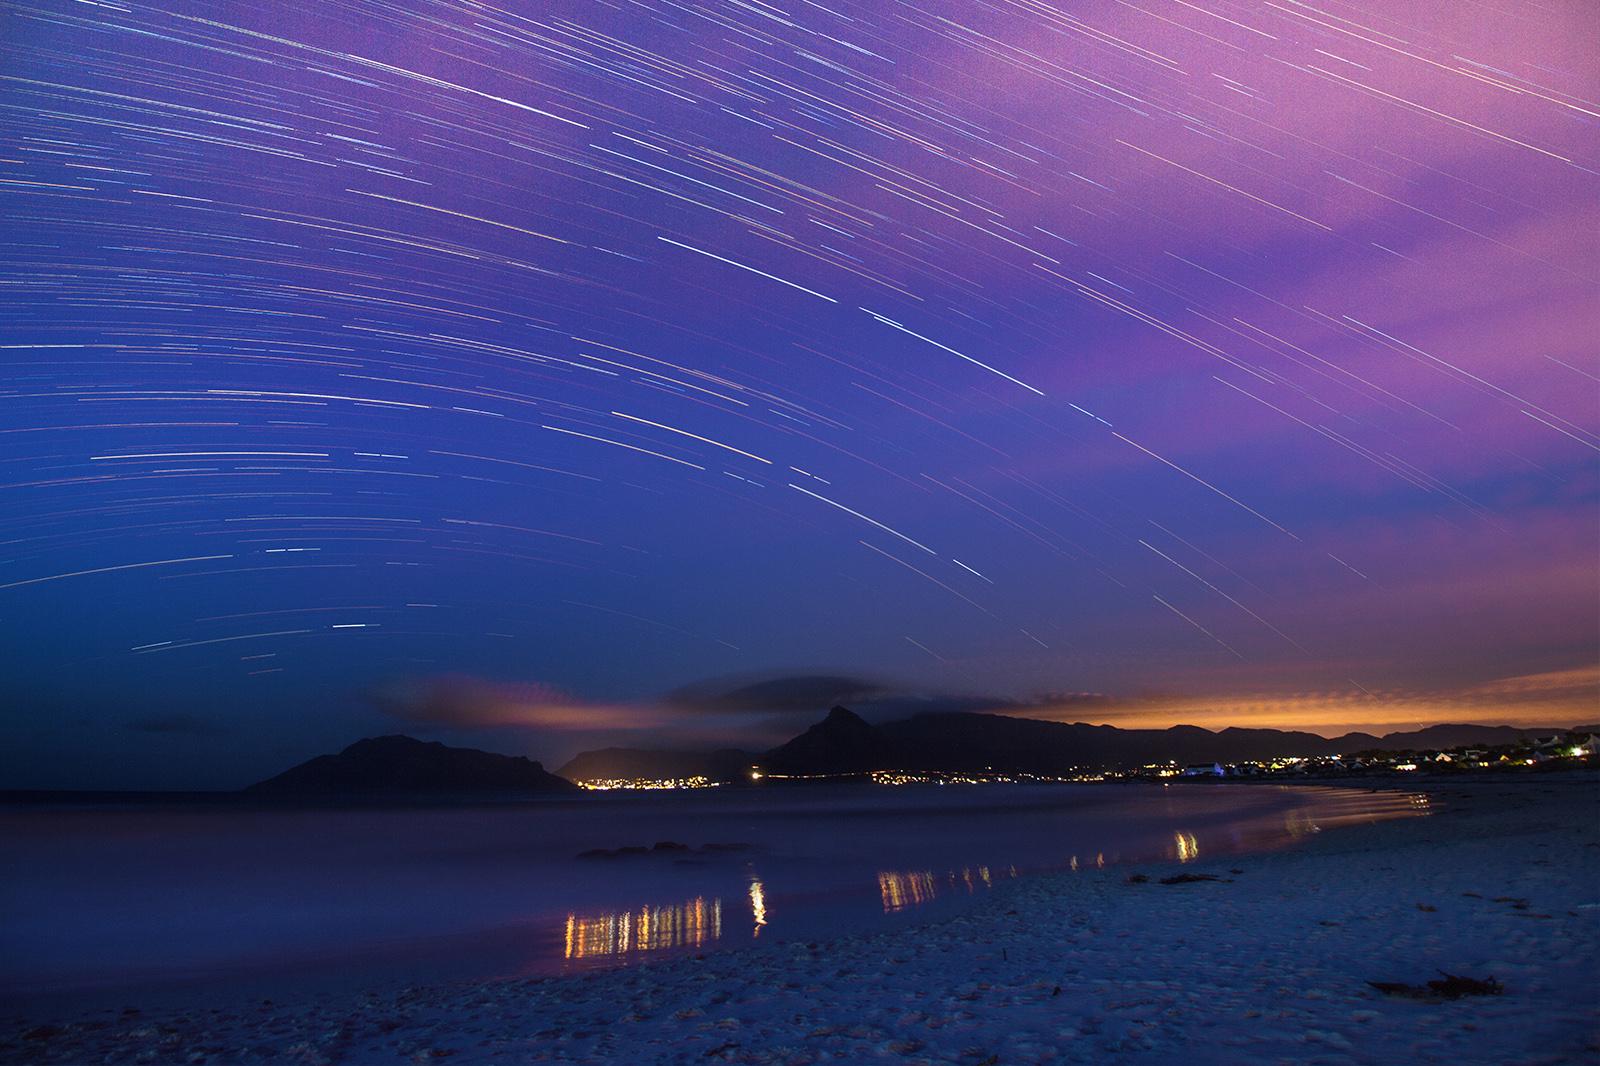 Star trails IMG_0036 w